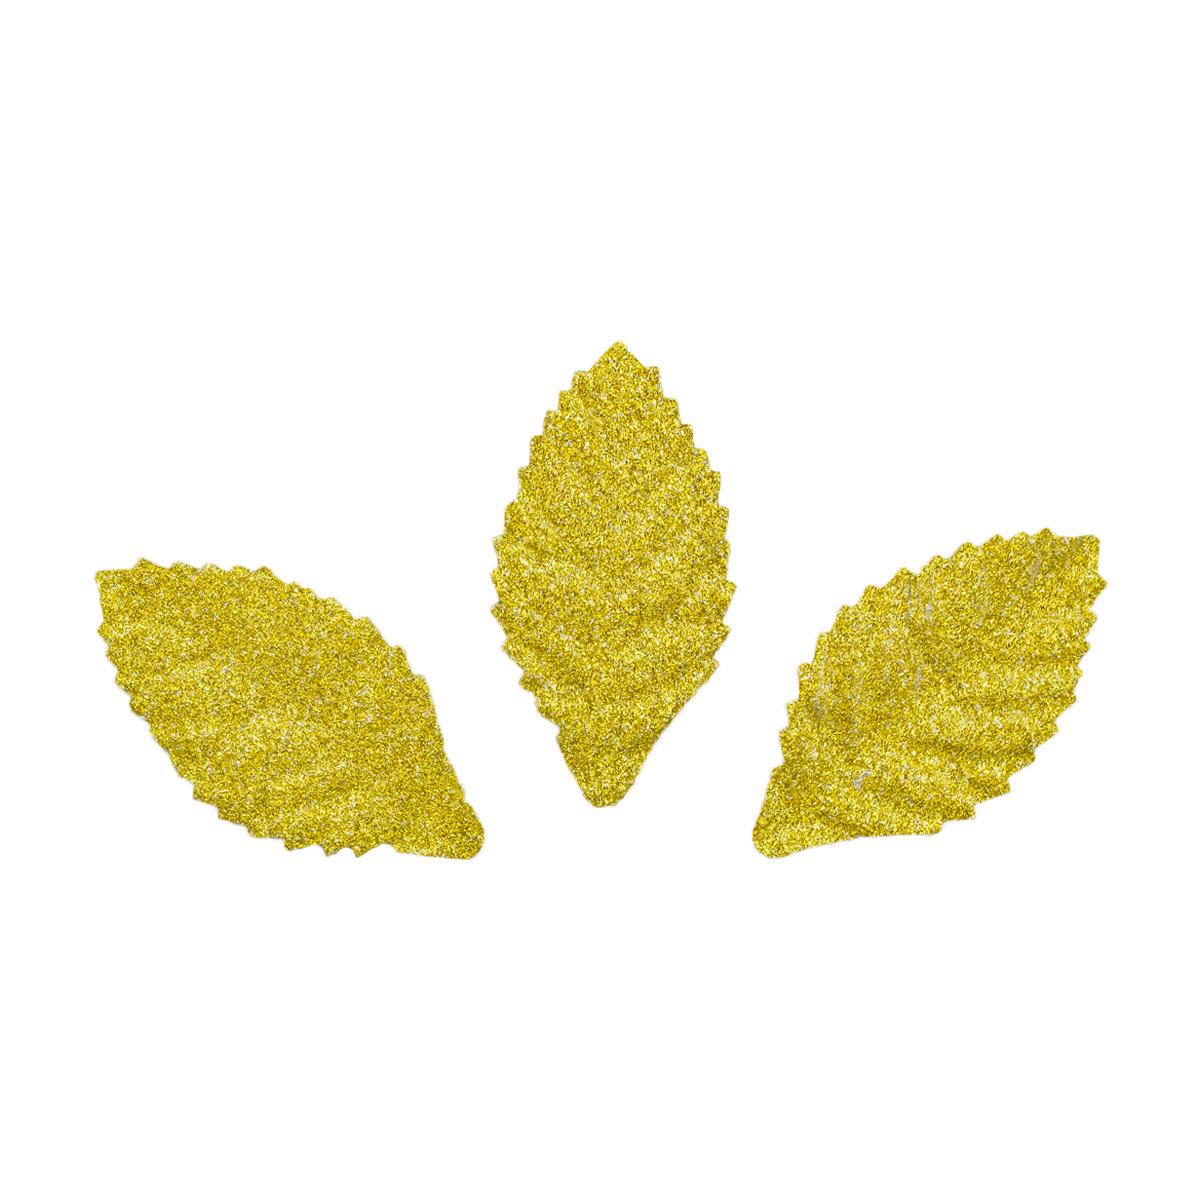 YX15-117 Бумажные листья с блестками, 3,8*2 см, упак./8 шт., 'Астра'